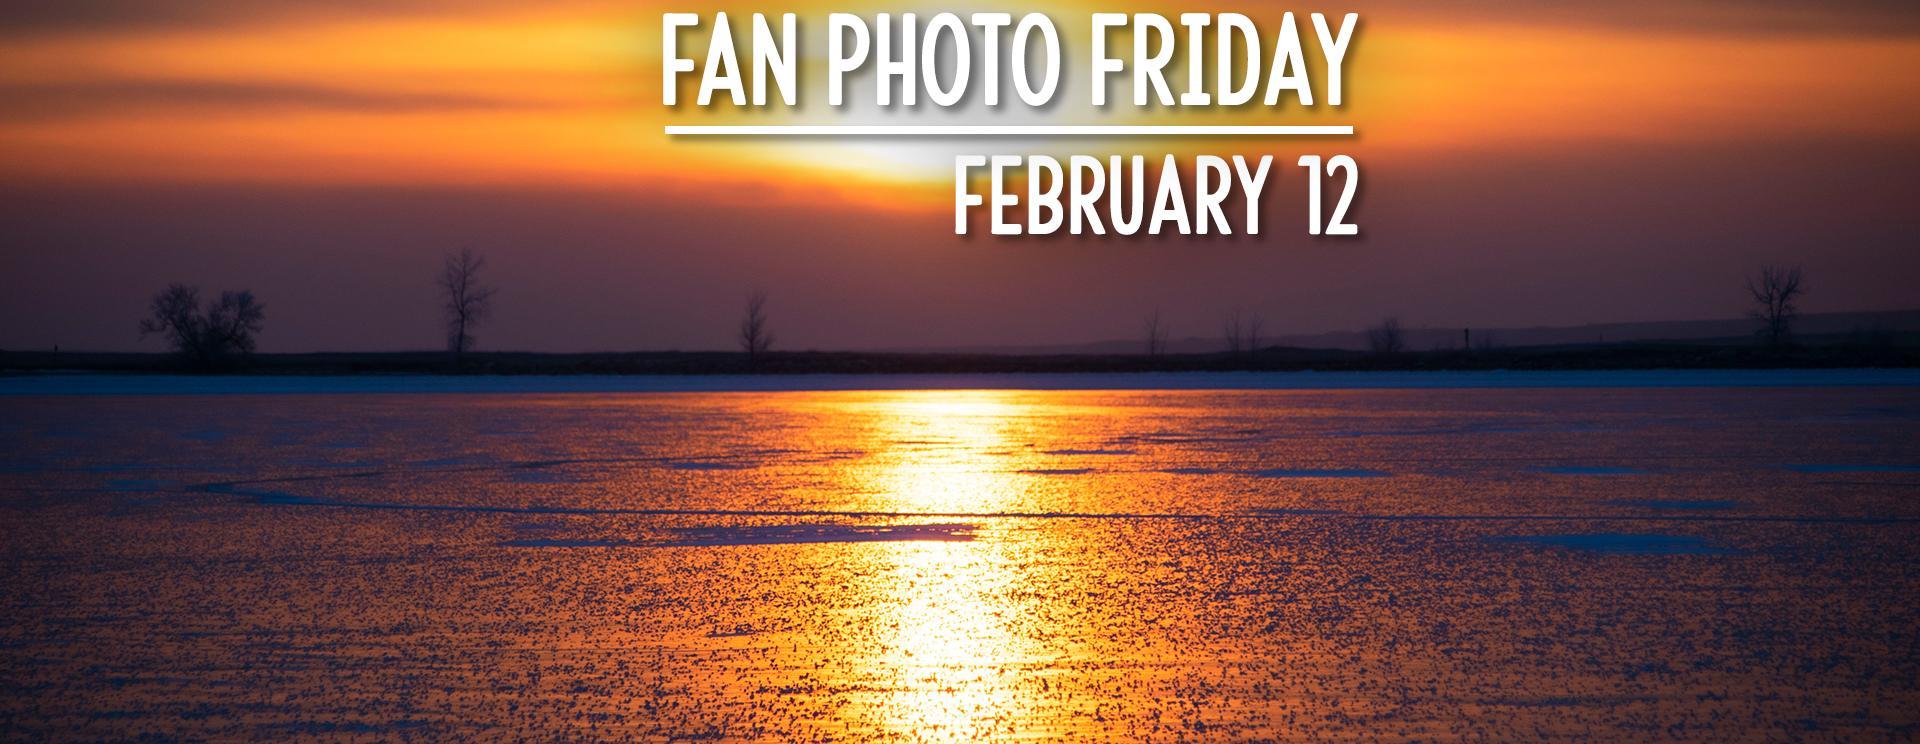 Fan Photo Friday | February 12, 2021